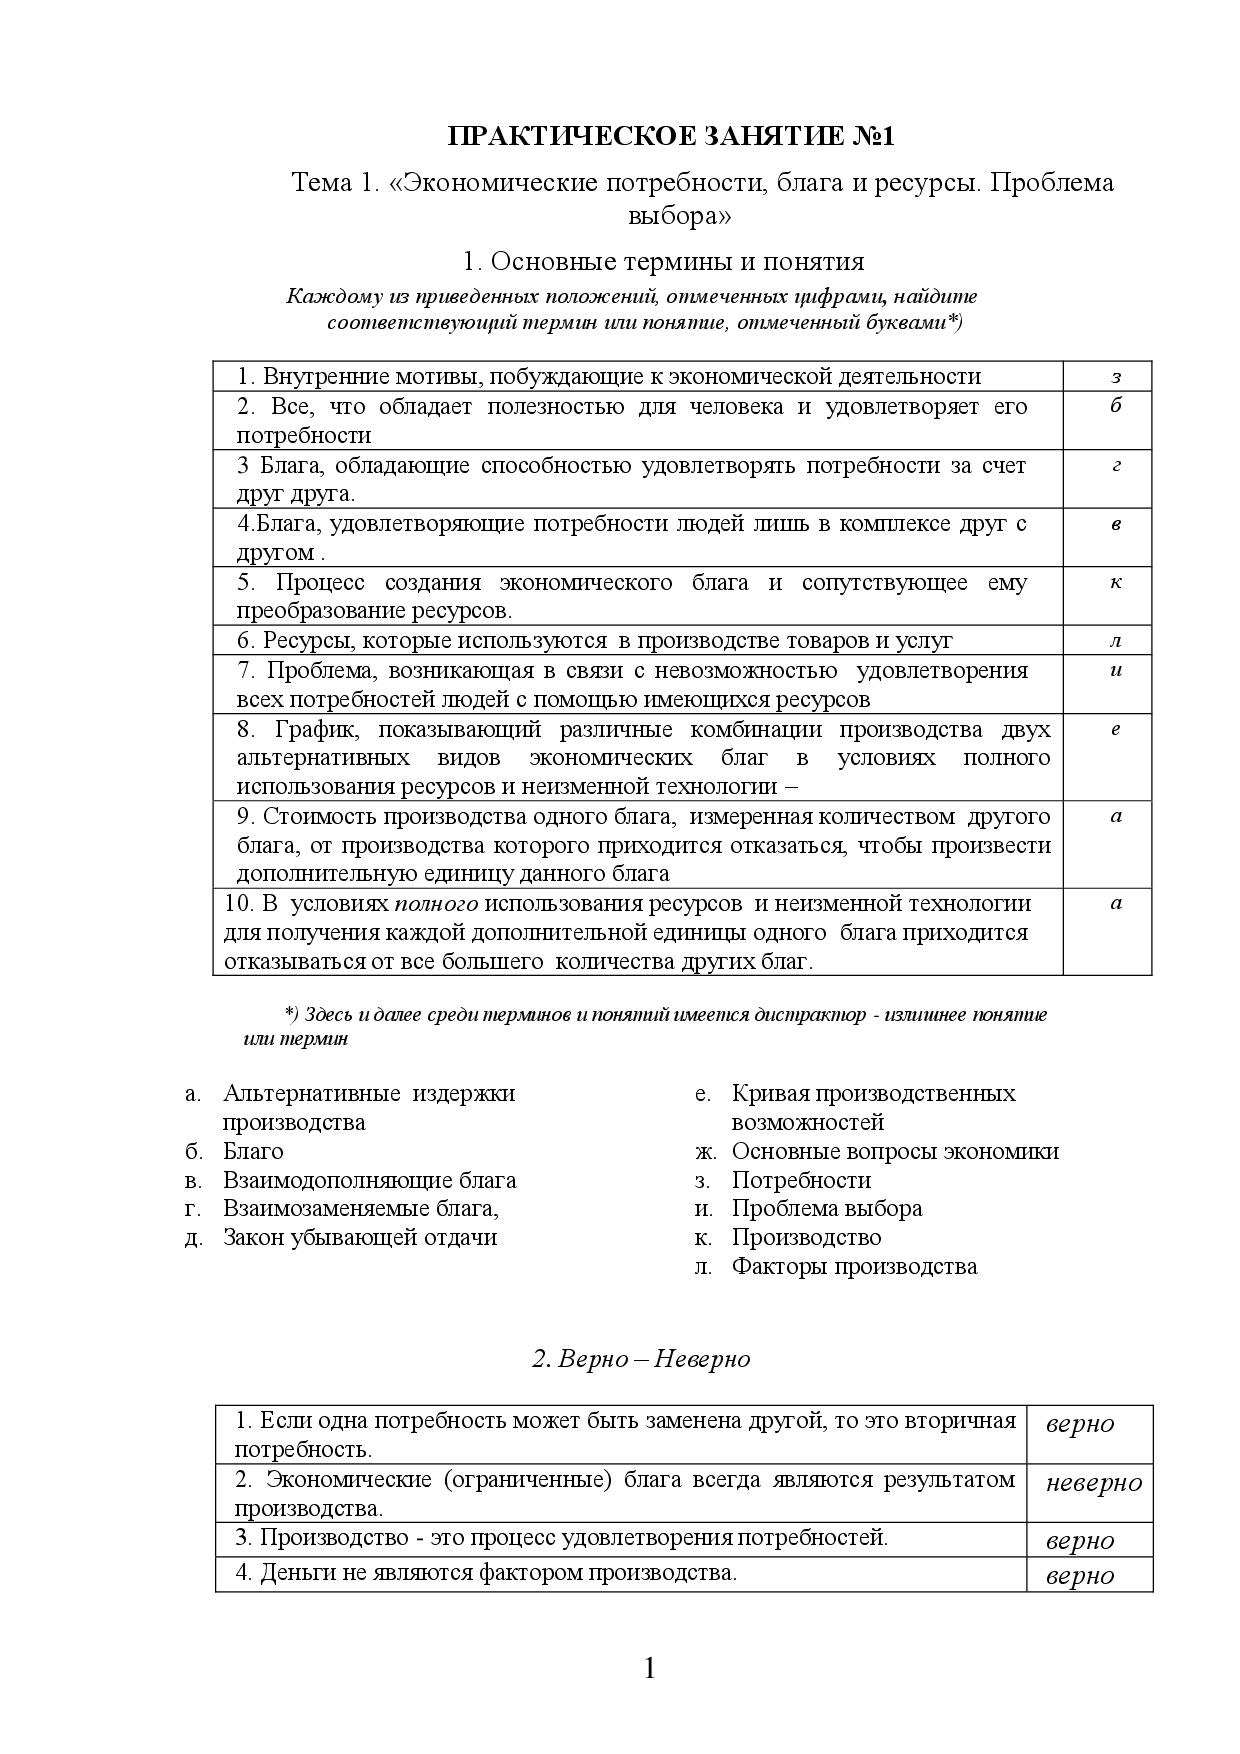 Семинарское занятие: определение, виды, задачи, методика разработки